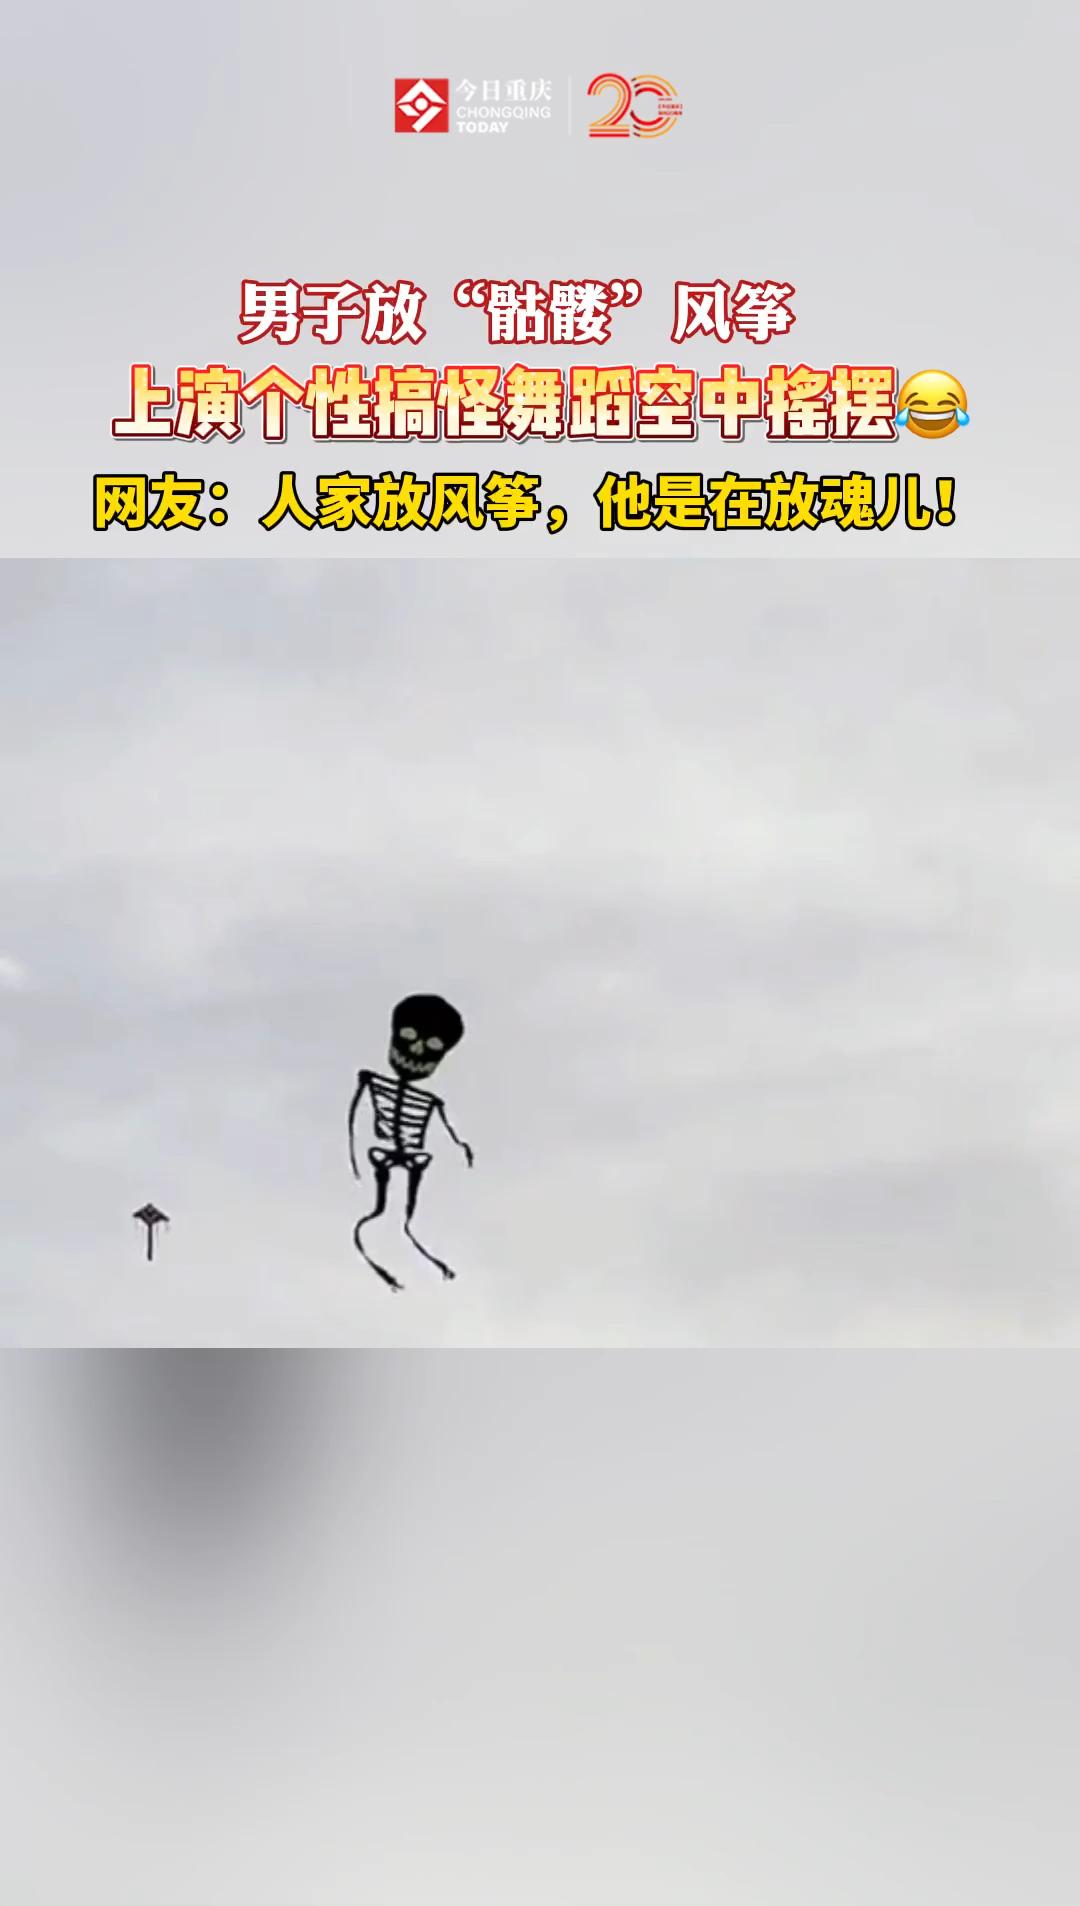 鬼步舞?!🤣网友:这风筝又搞笑又恐怖...... #河南开封